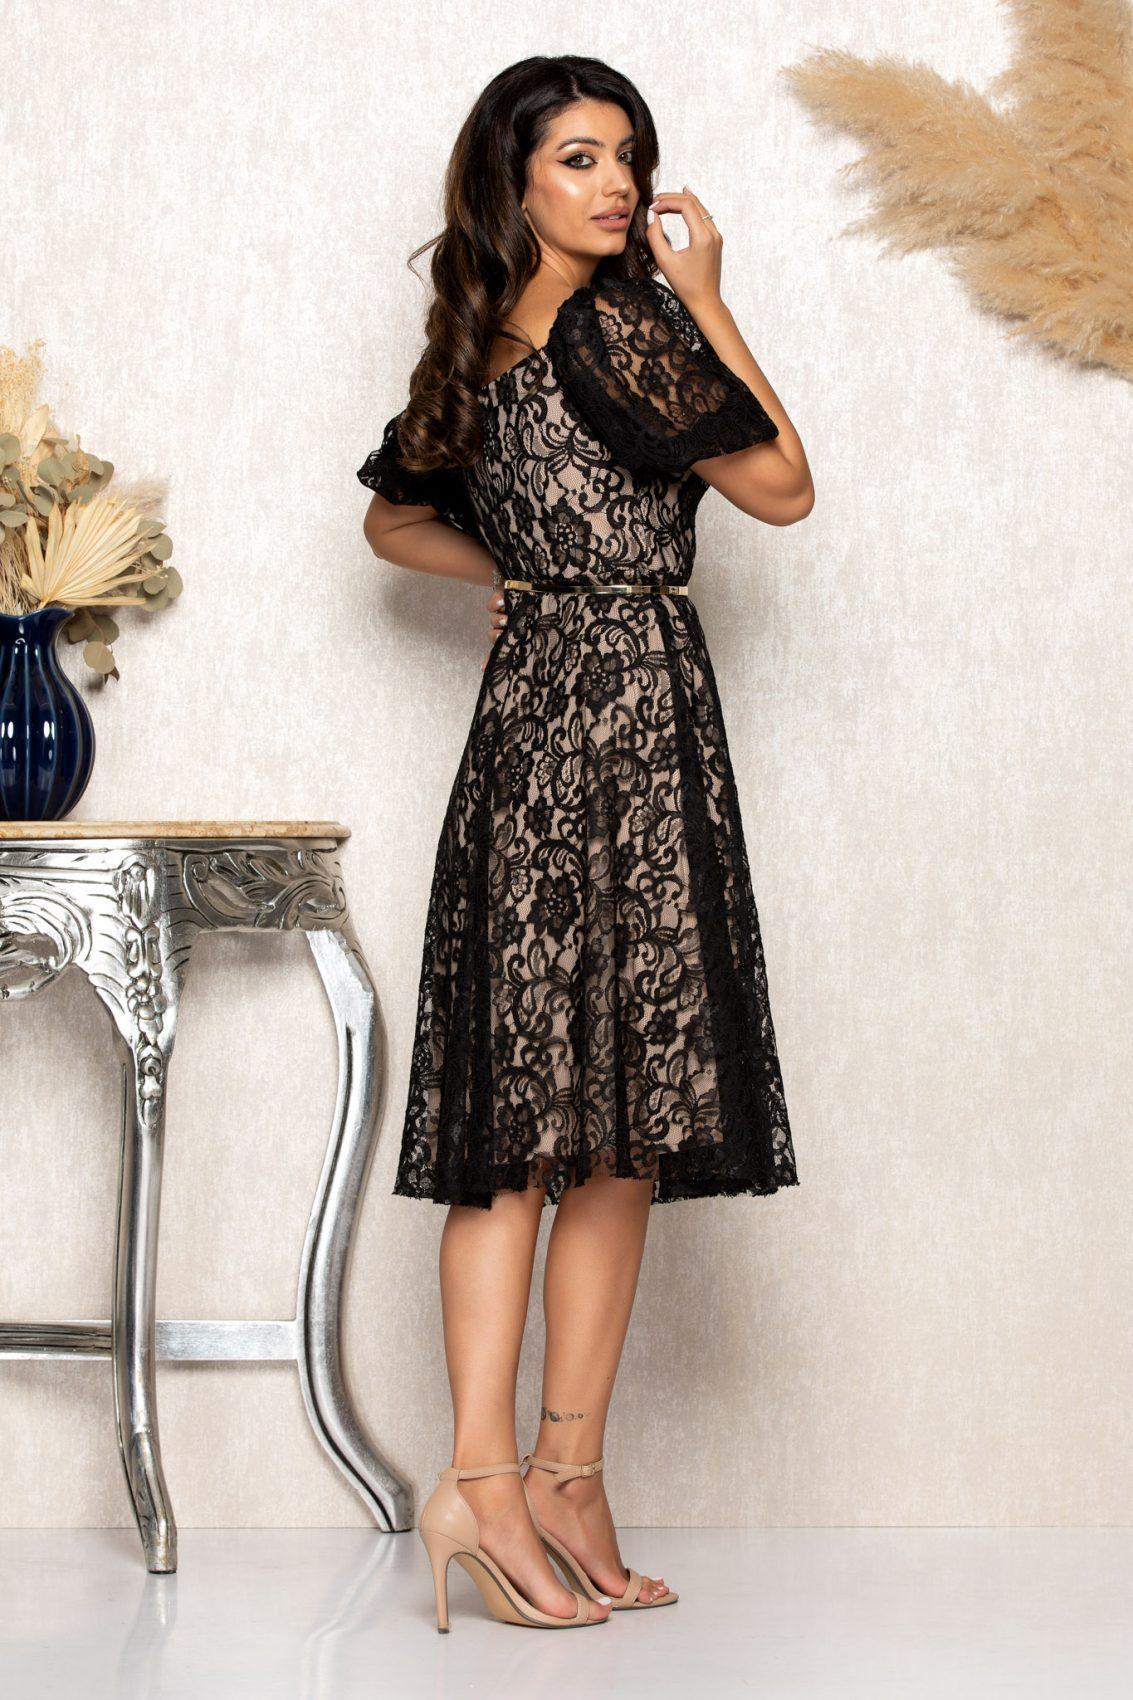 Μαύρο Μίντι Αμπιγιέ Φόρεμα Από Δαντέλα Annabell B125 2